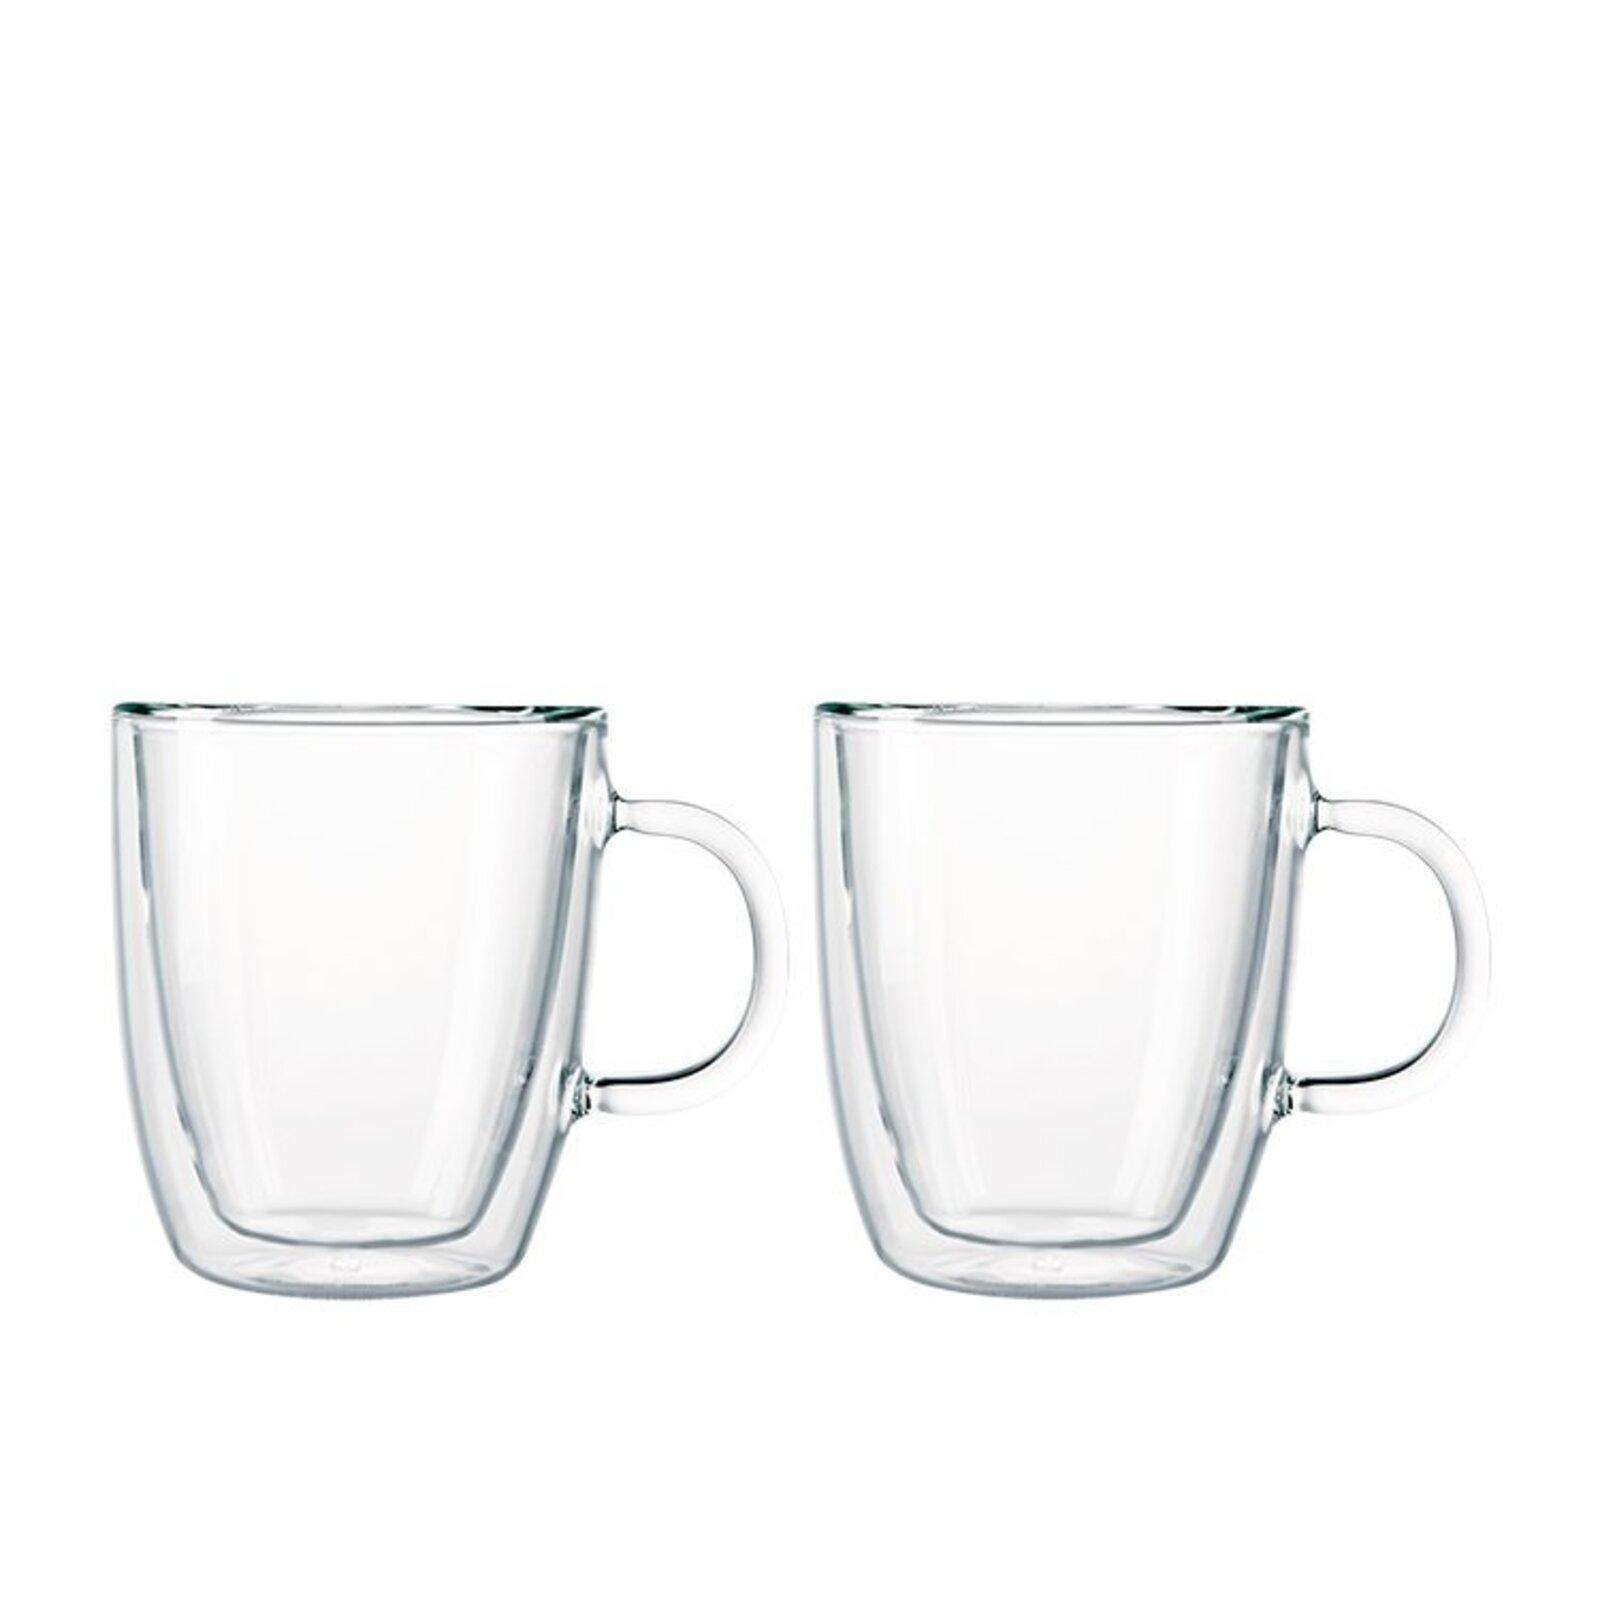 Bodum Bistro Medium Cup 2 Piece 300ml